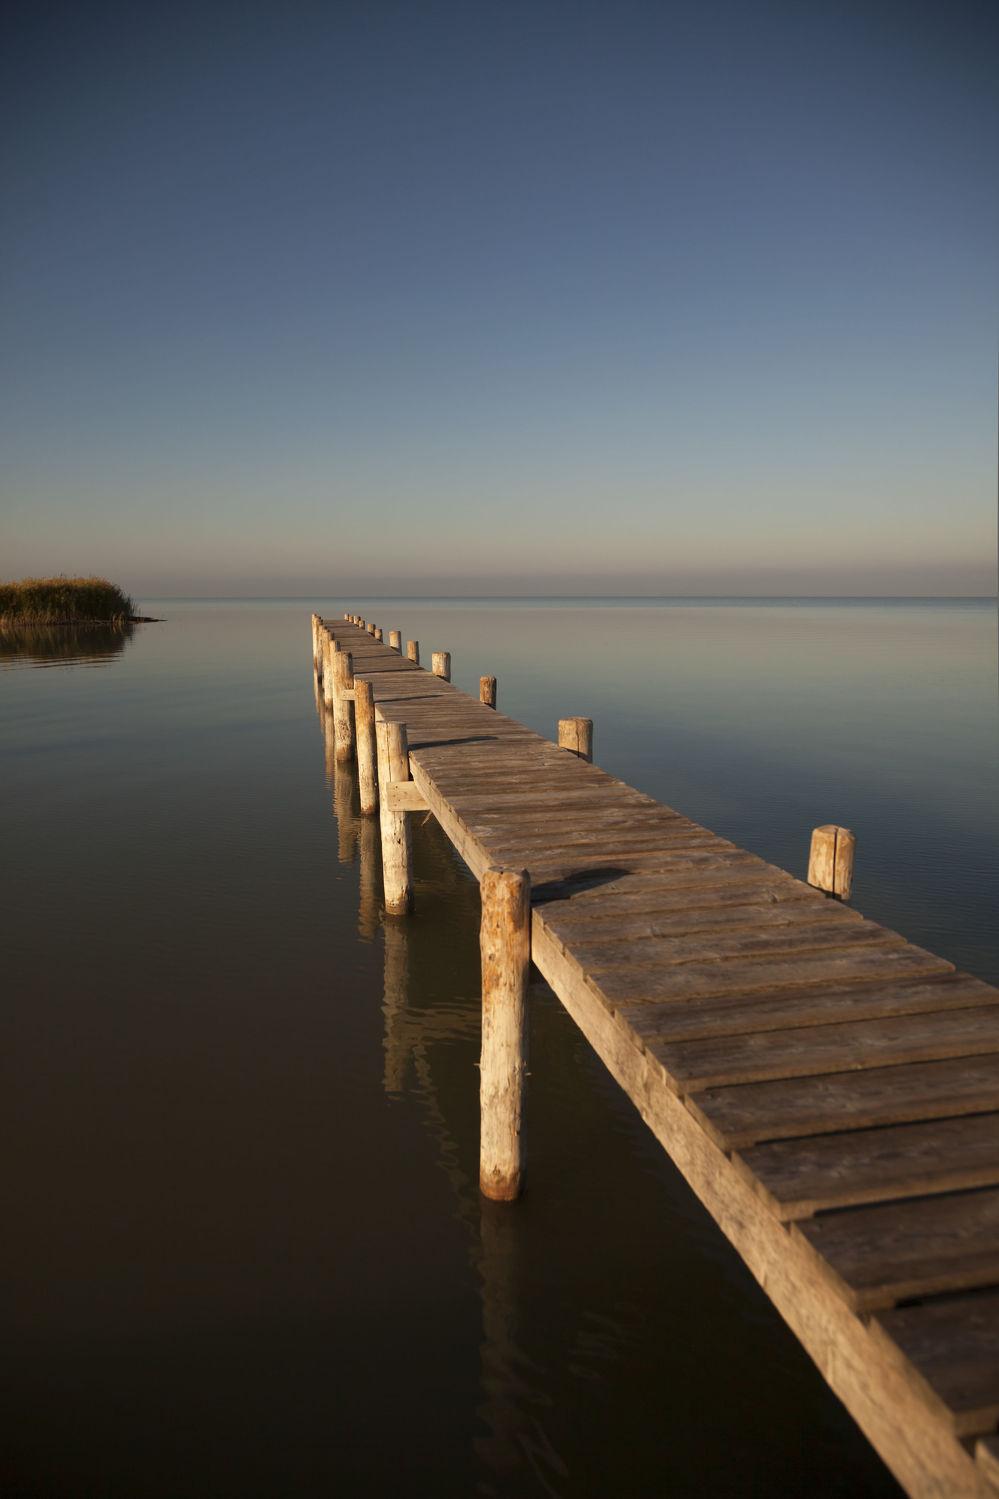 Bild mit Natur, Wasser, Gewässer, Sonnenuntergang, Sonnenaufgang, Österreich, Steg, Holzsteg, Am Meer, Neusiedlersee, Burgenland